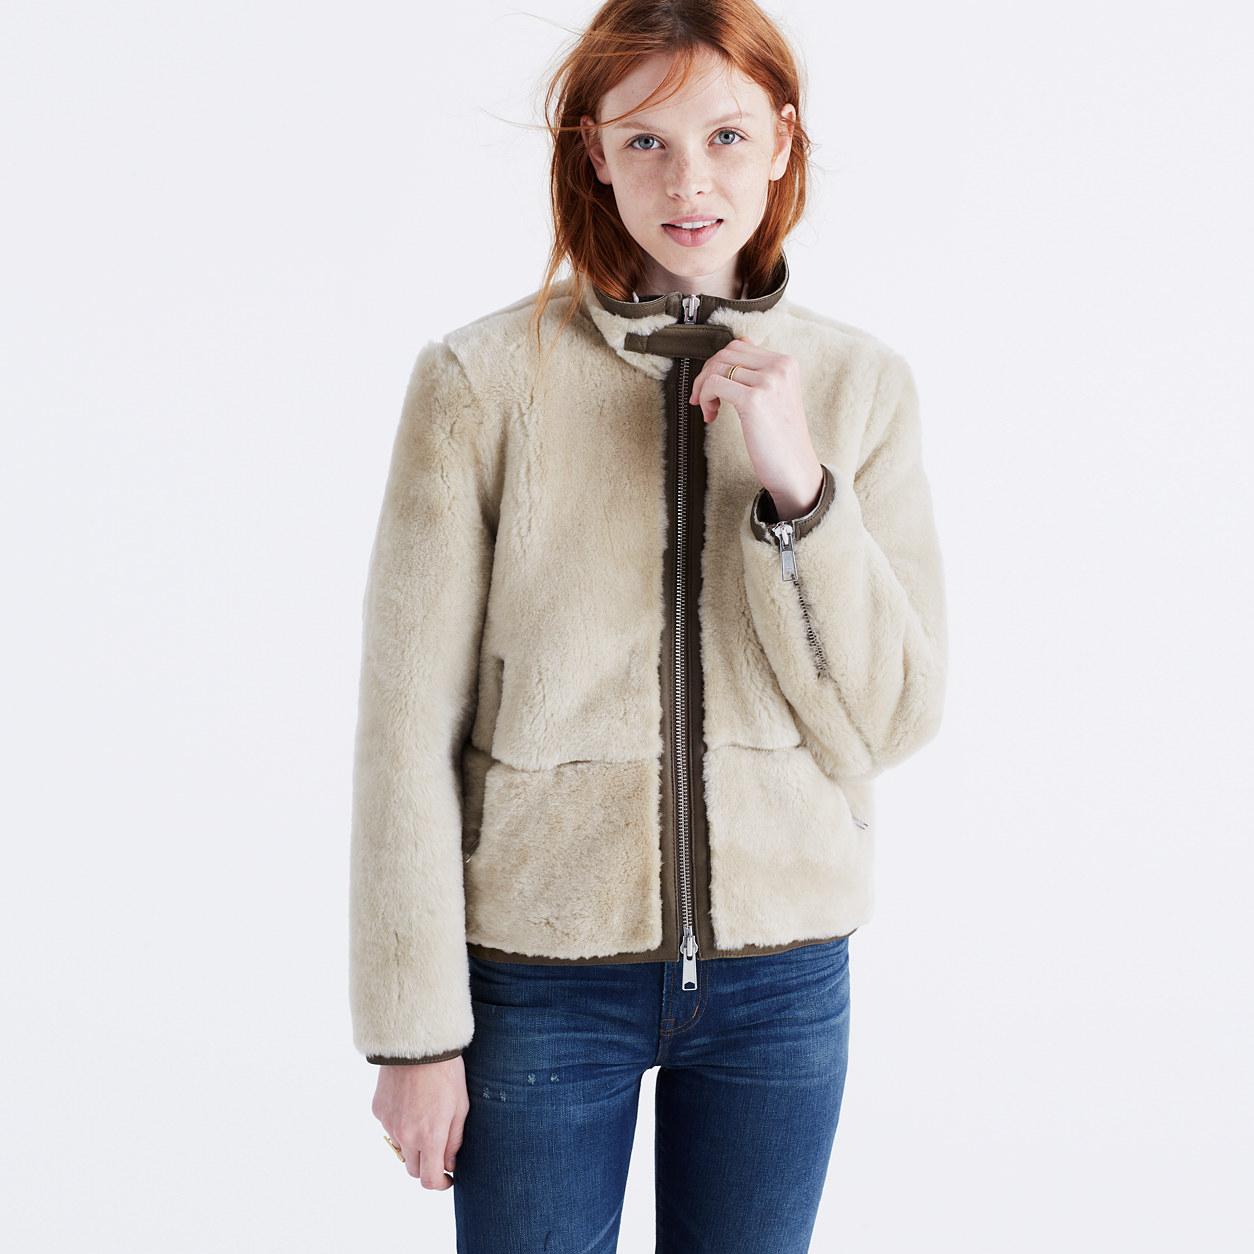 Shearling Car Coat : coats | Madewell